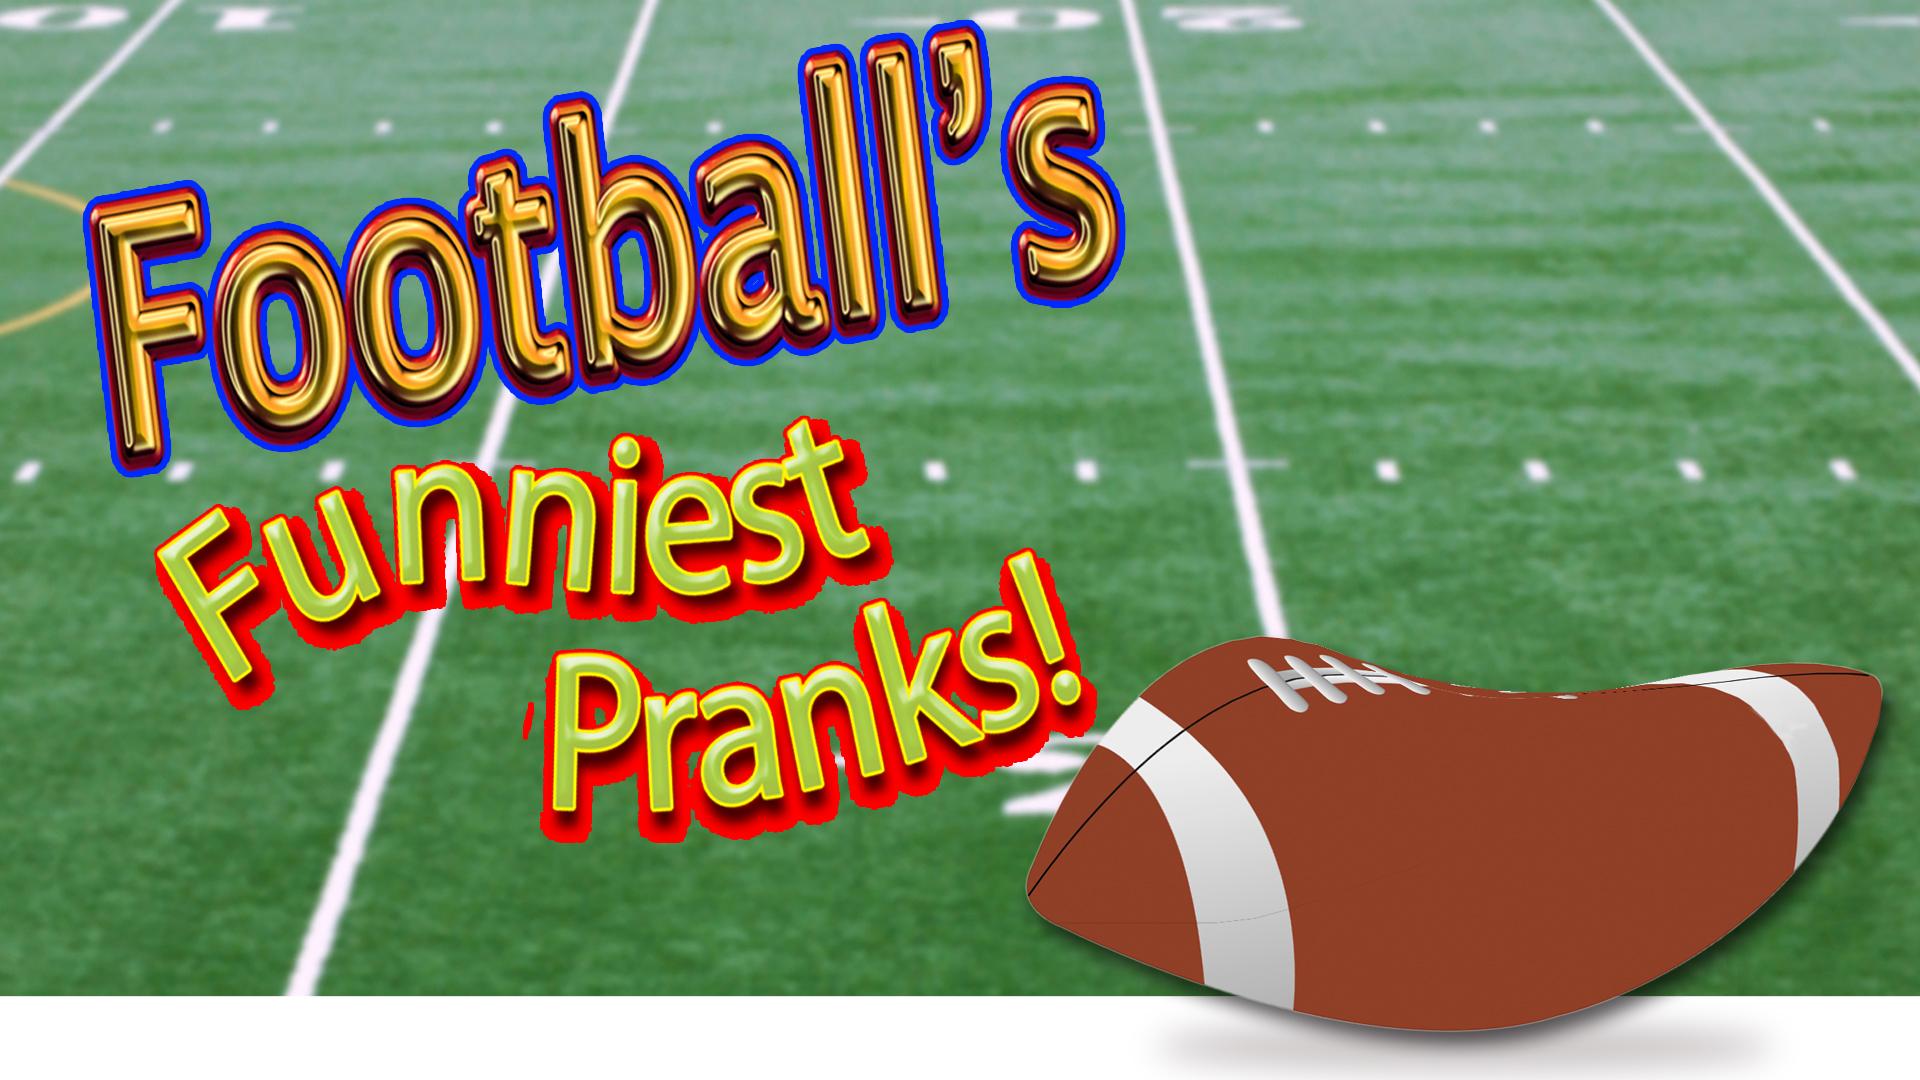 Football's Funniest Pranks -